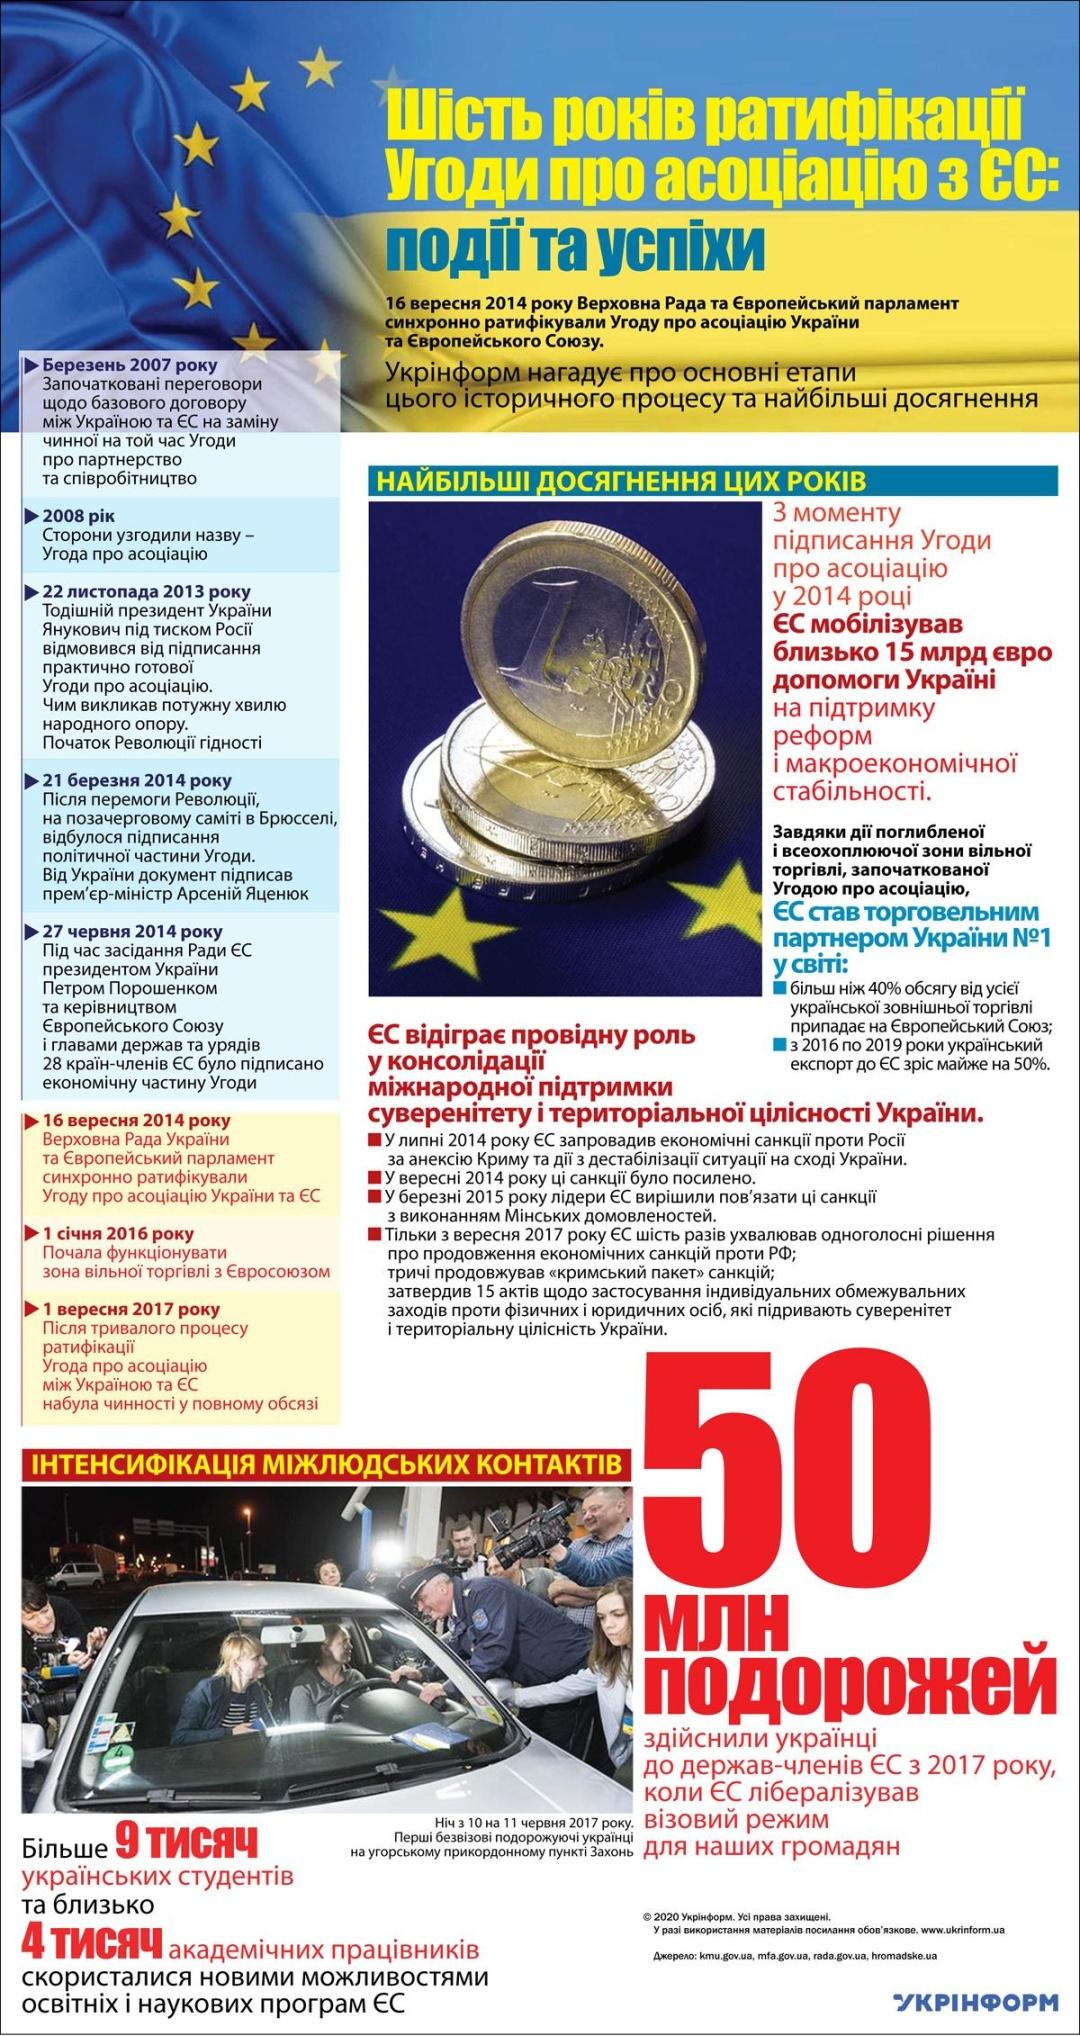 Шесть лет назад Украина ратифицировала Соглашение об ассоциации с ЕС